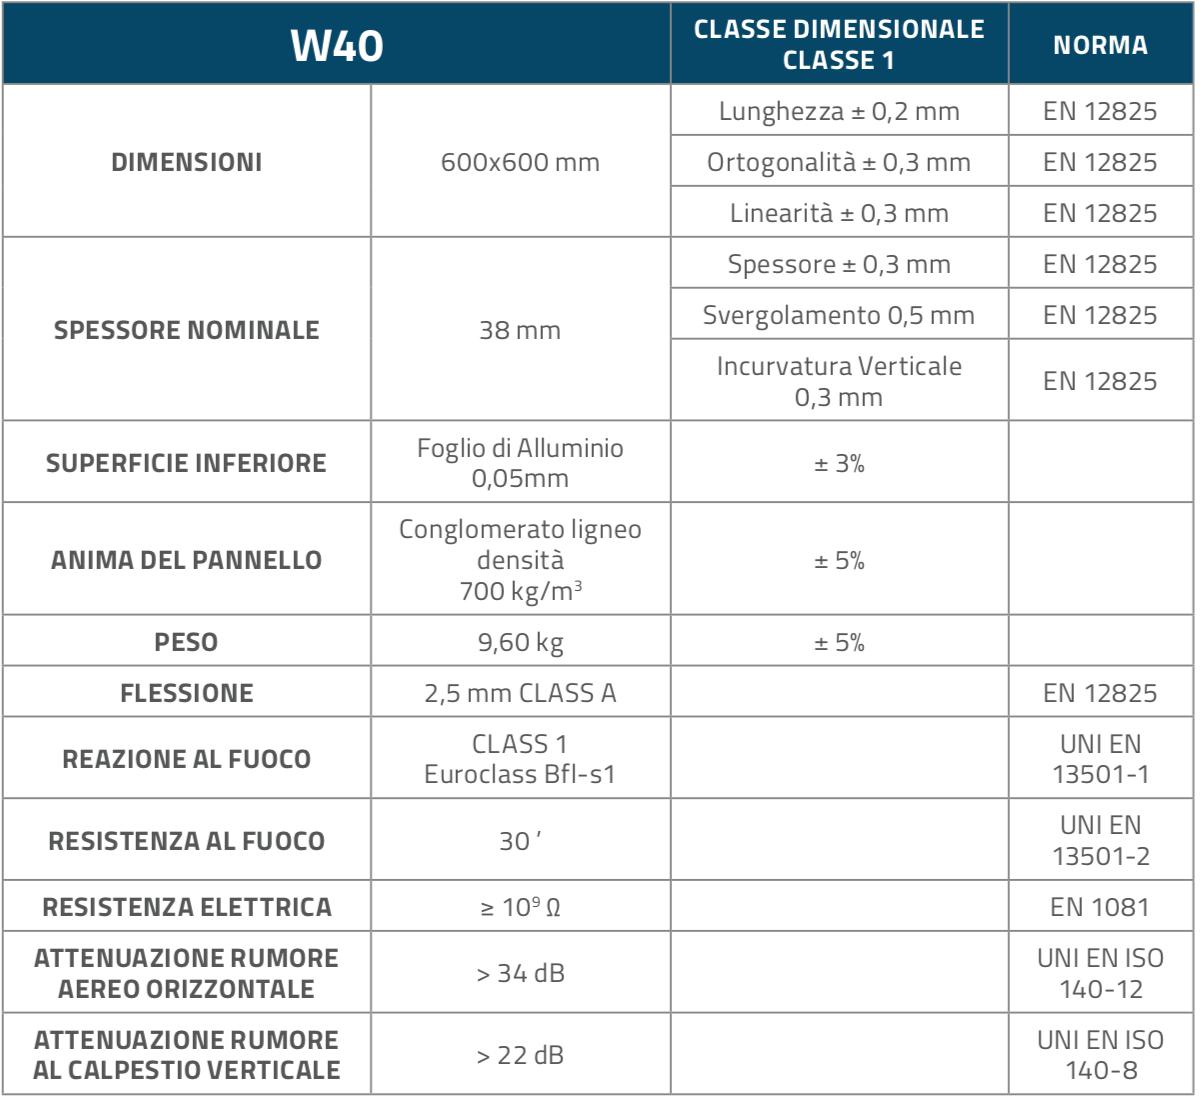 W40_Tavola1